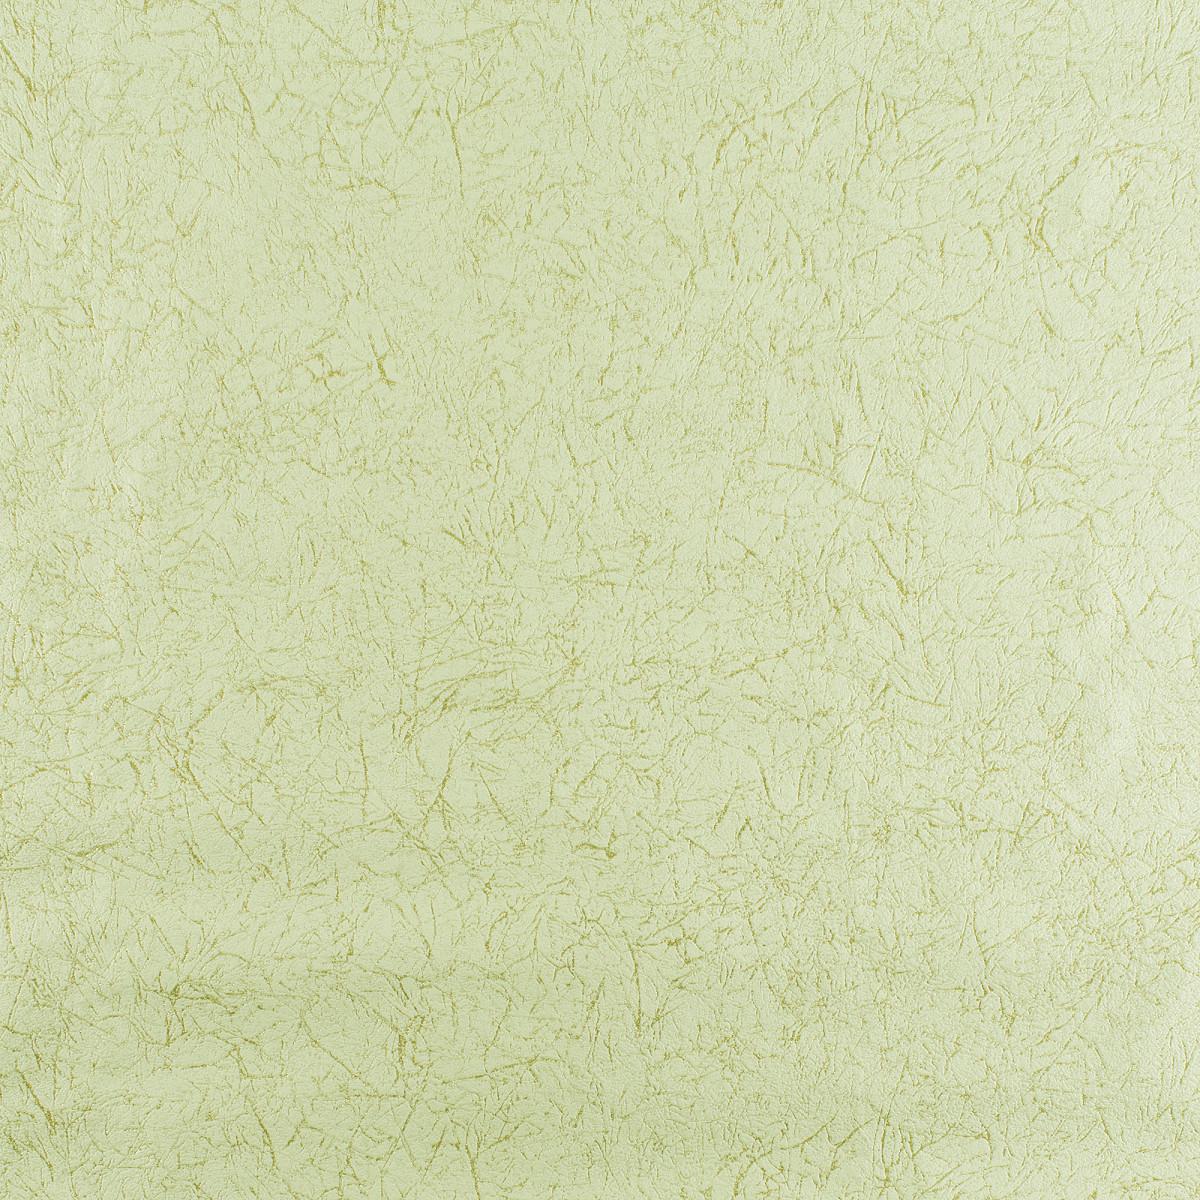 Обои на флизелиновой основе 1.06х10 м паутинка цвет зеленый Па 350-77